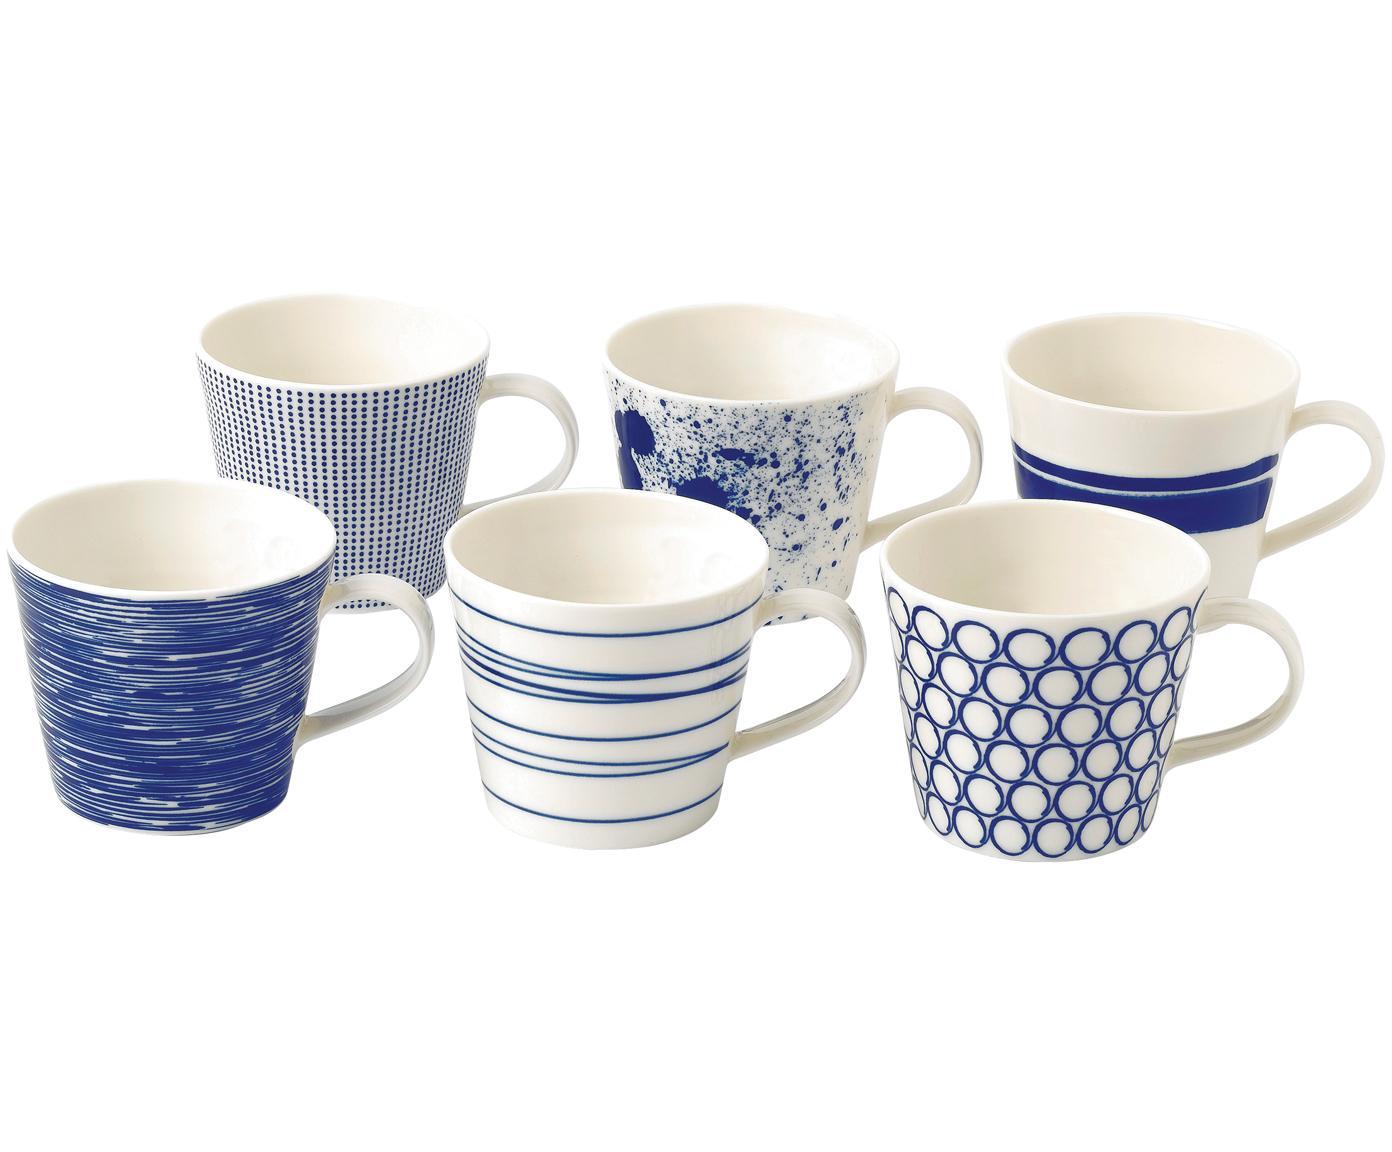 Komplet kubków Pacific, 6 elem., Porcelana, Biały, niebieski, Ø 10 x W 9 cm